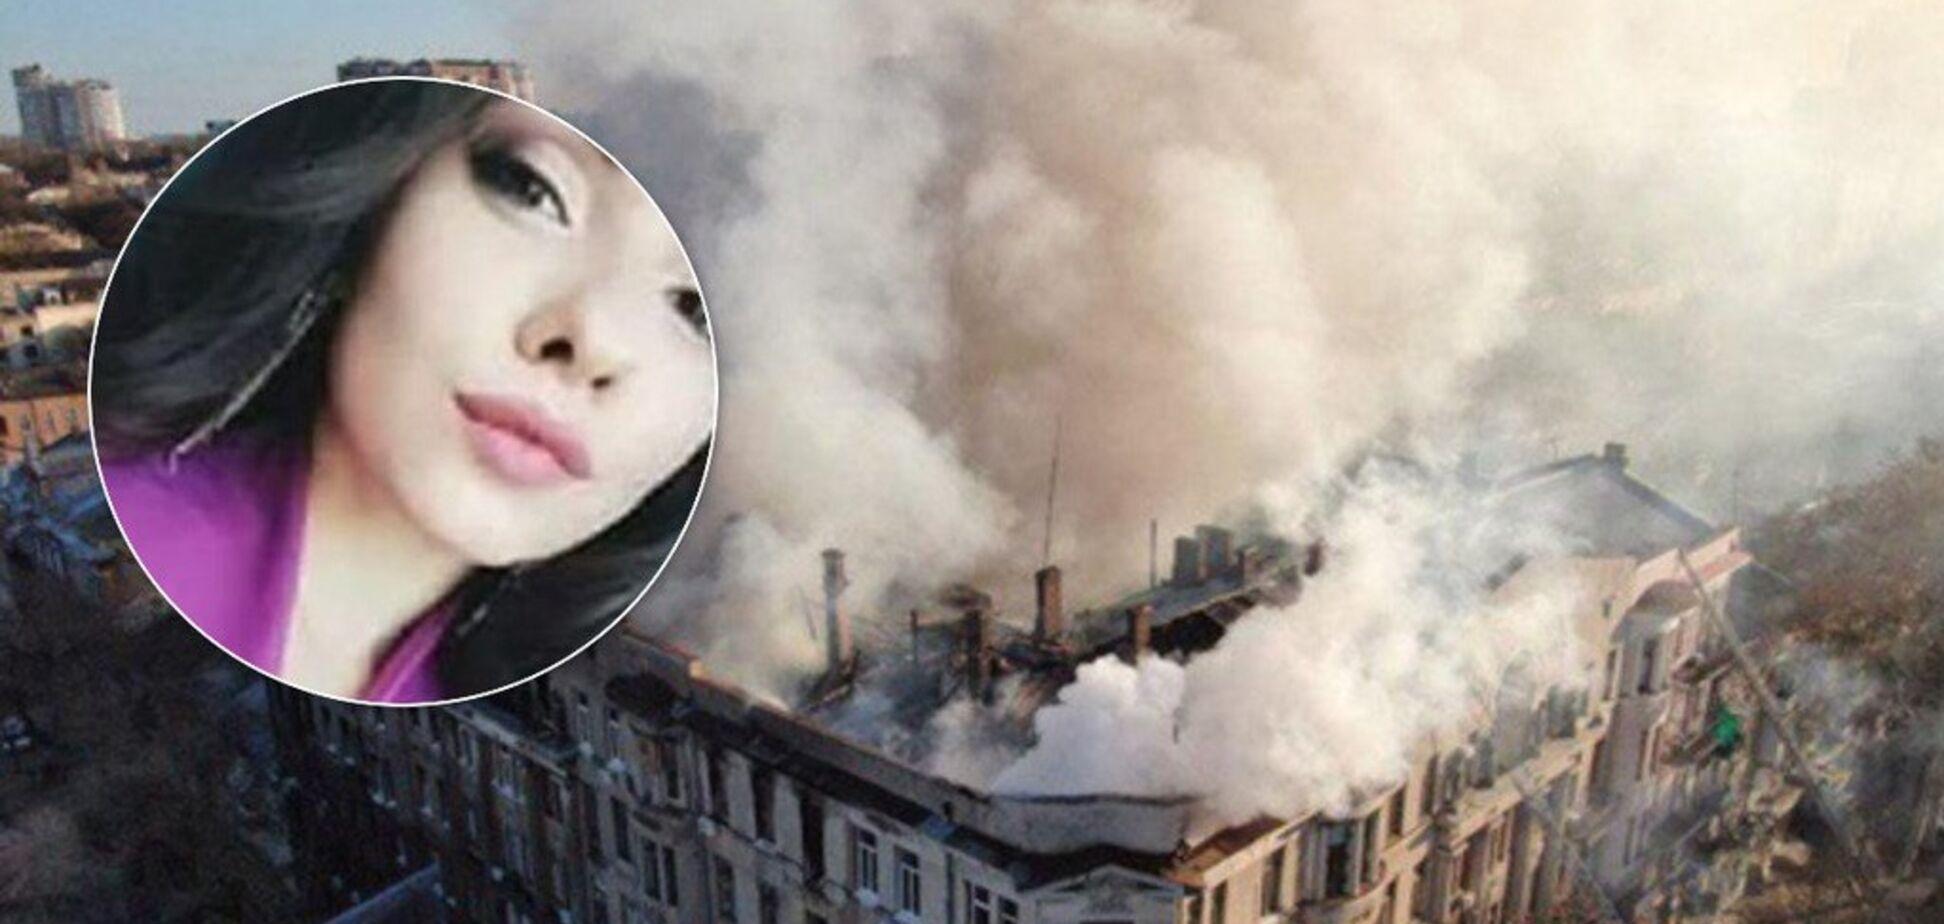 'Катю нам уже не вернут': отец погибшей на пожаре в Одесском колледже трогательно обратился к следствию